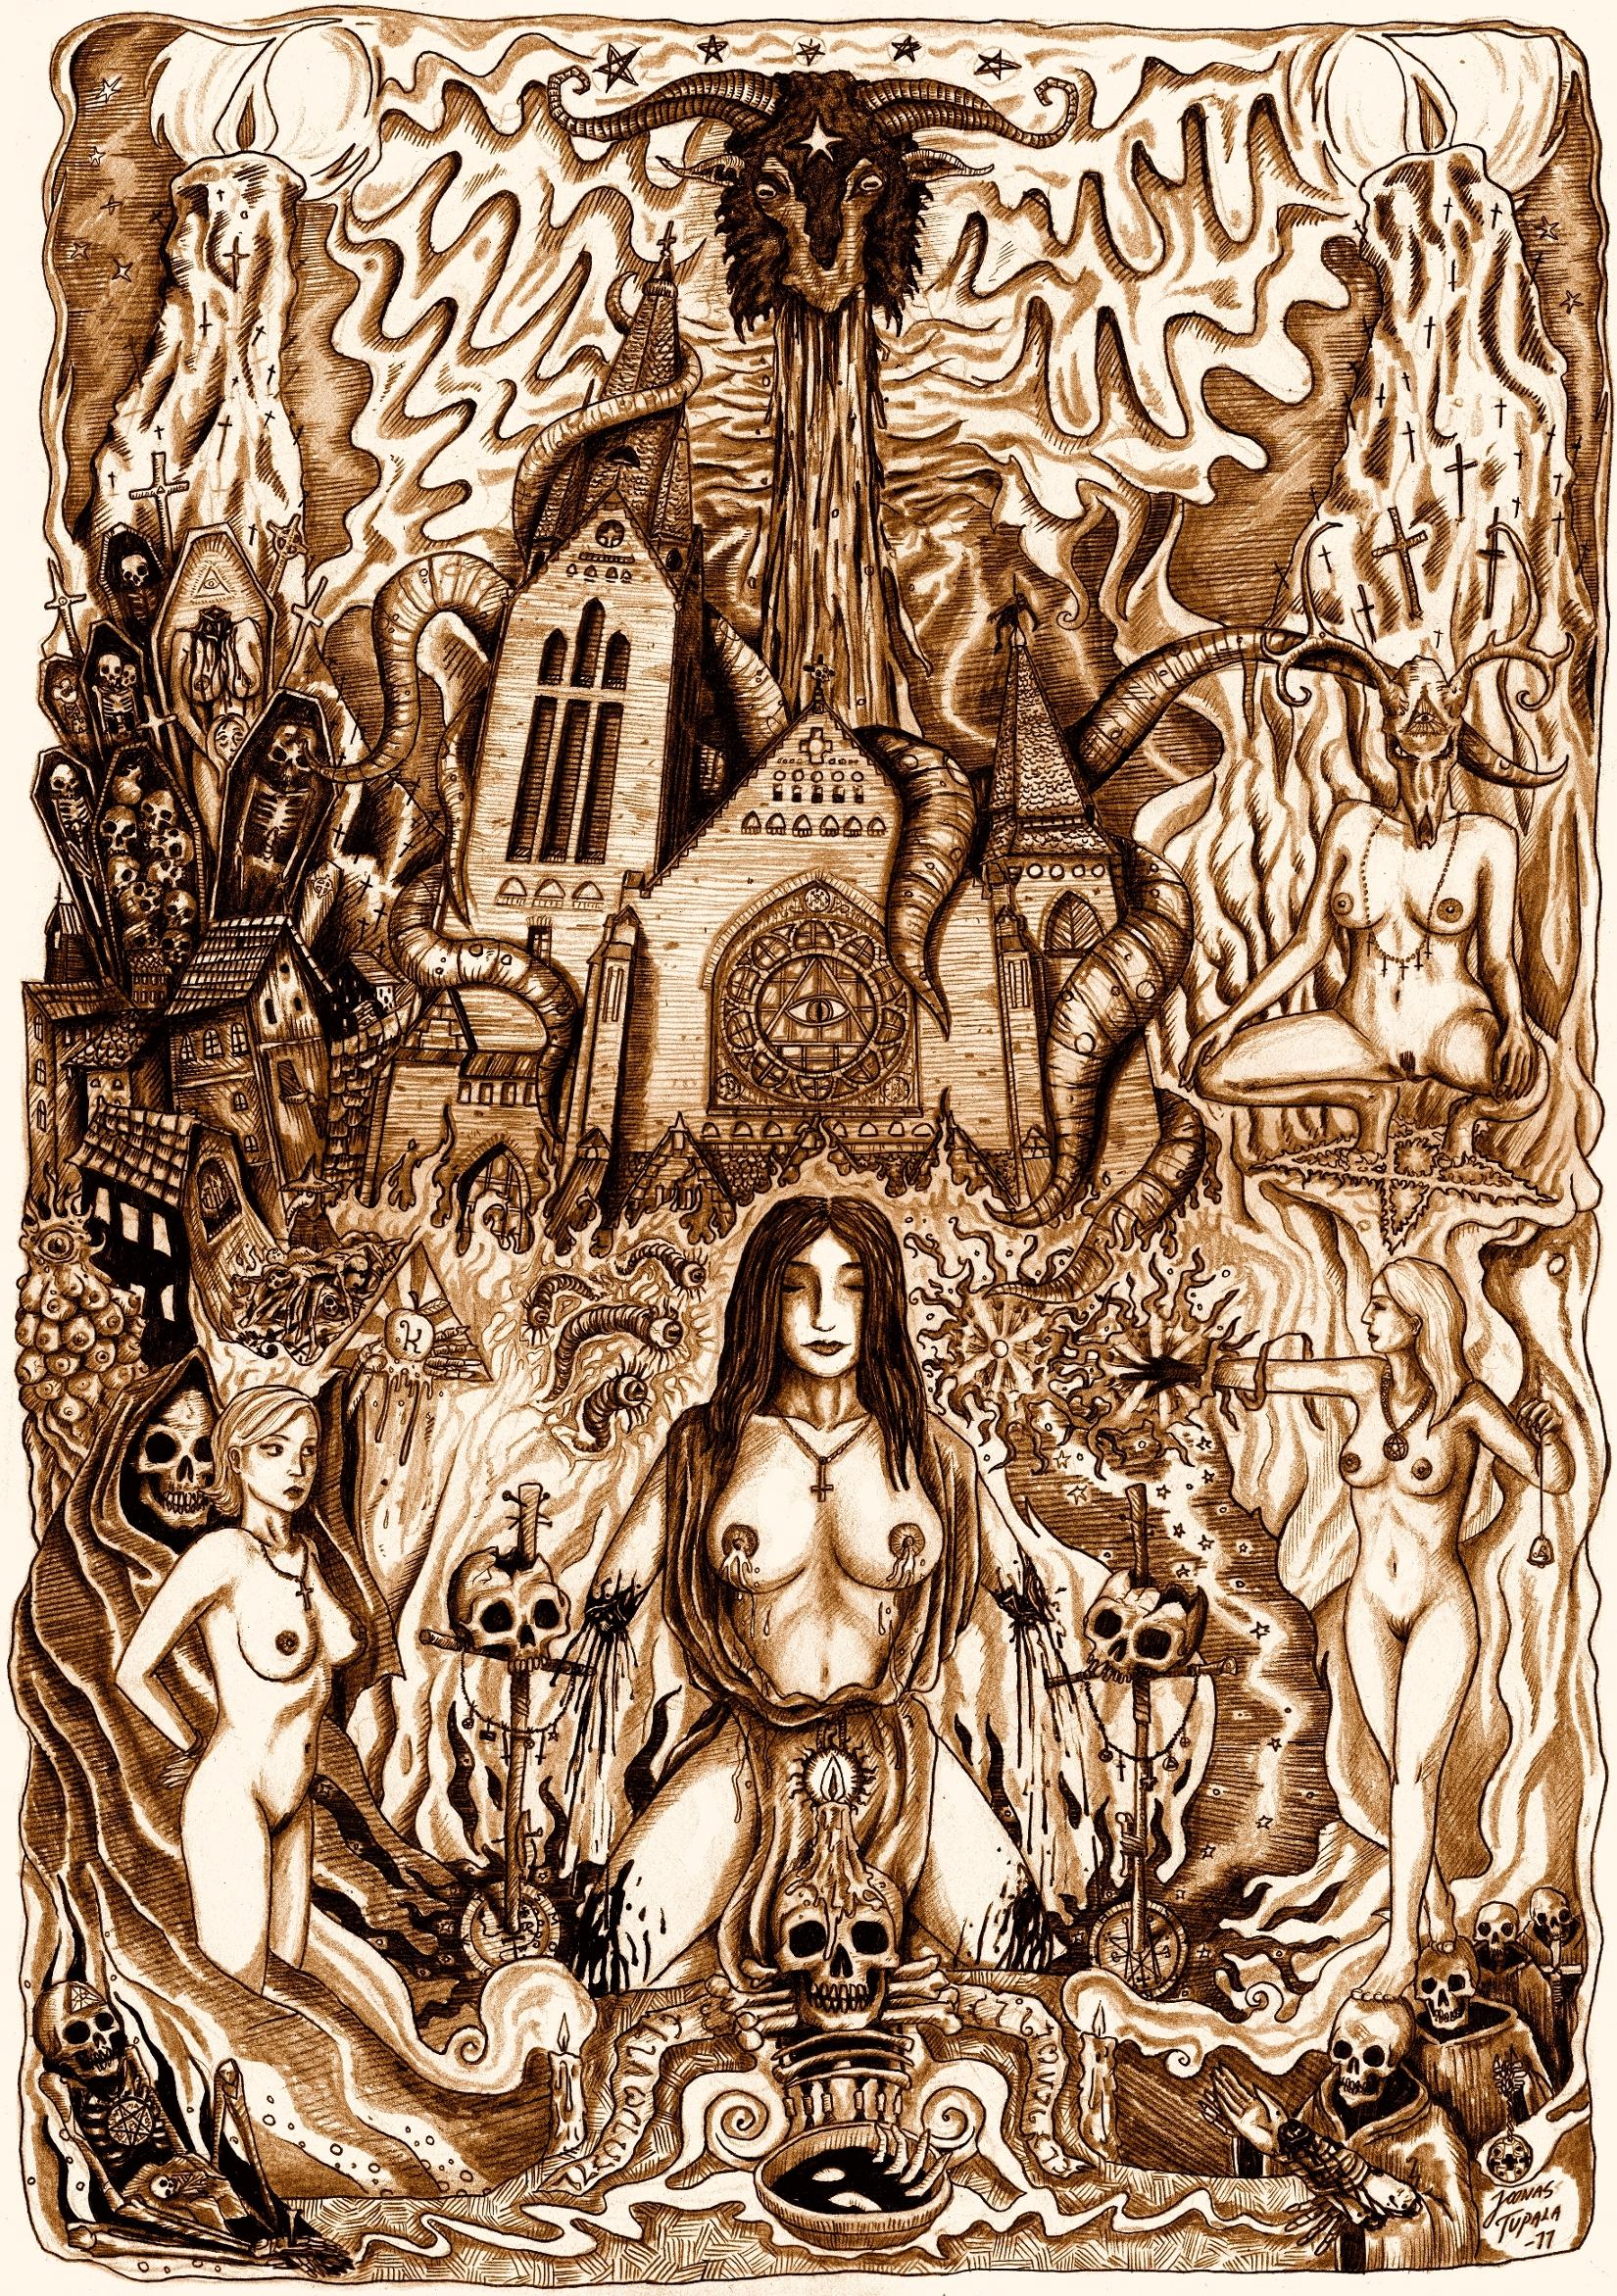 Ritual of the Dead